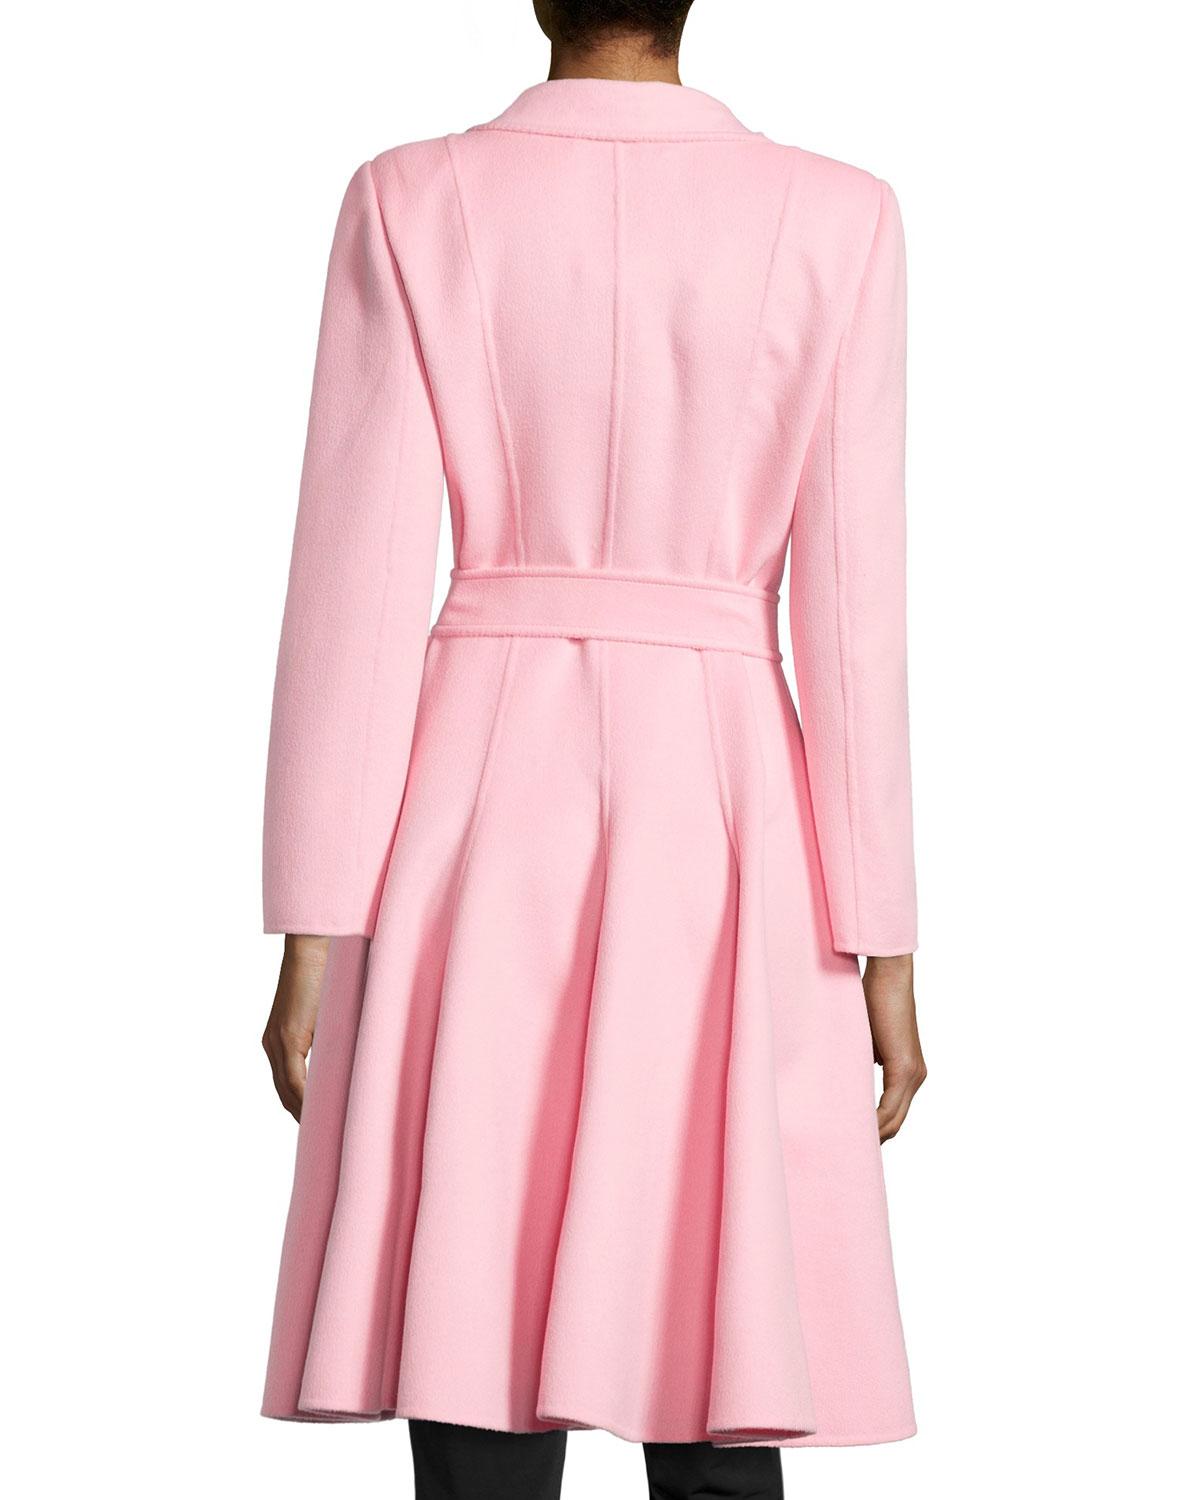 Oscar de la renta Long Swing Coat W/ Belt in Pink | Lyst